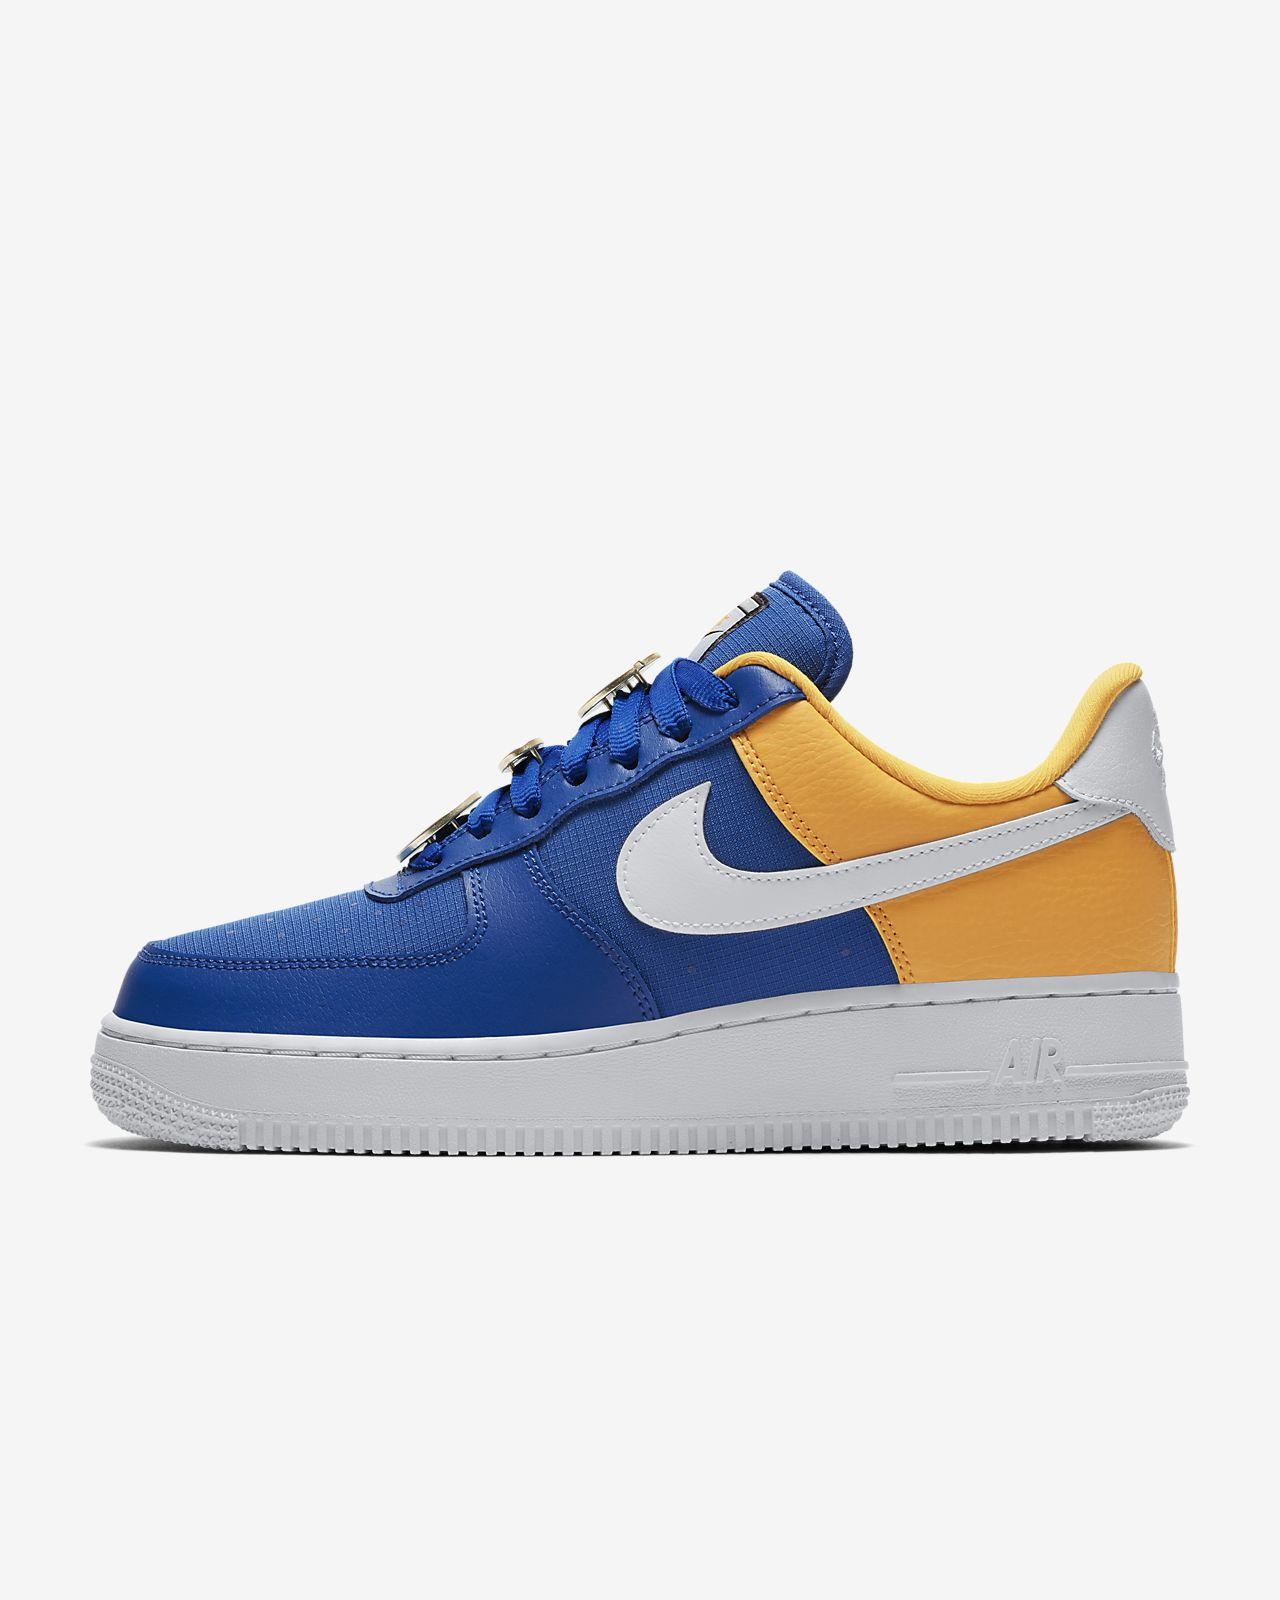 Kup Nowe Sneakersy Nike Air Force 1 07 SE (Damskie) Crimson